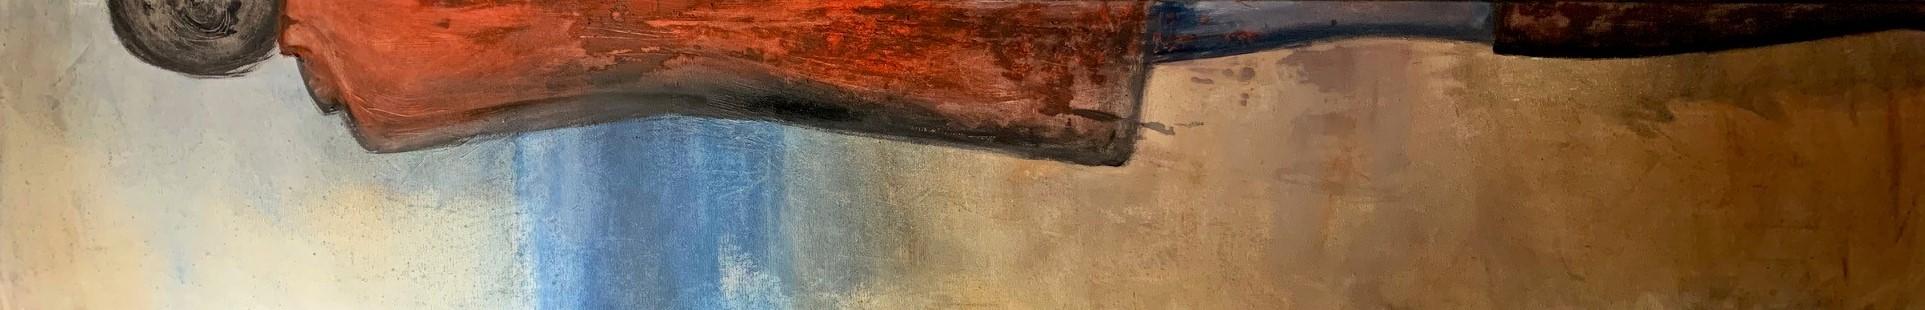 After the rain_Sonja Riemer Art